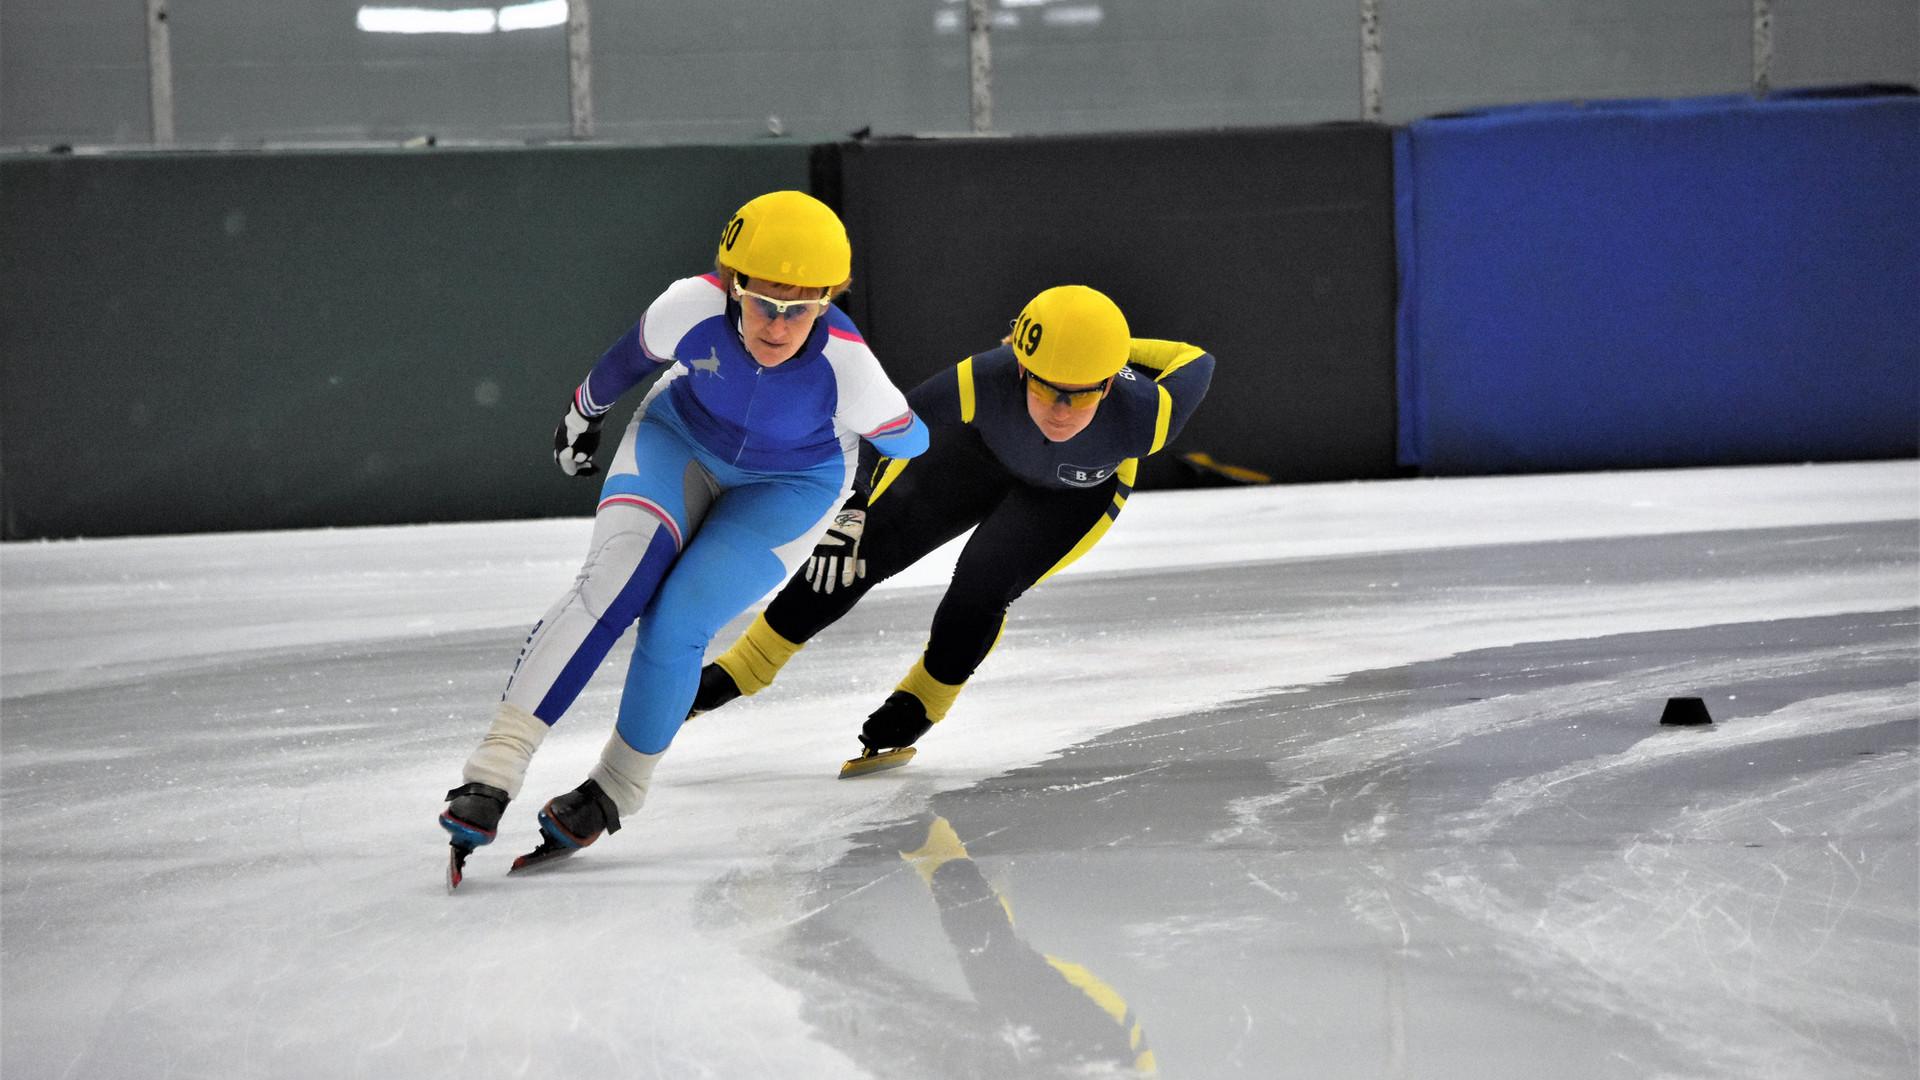 Two skaters.jpg